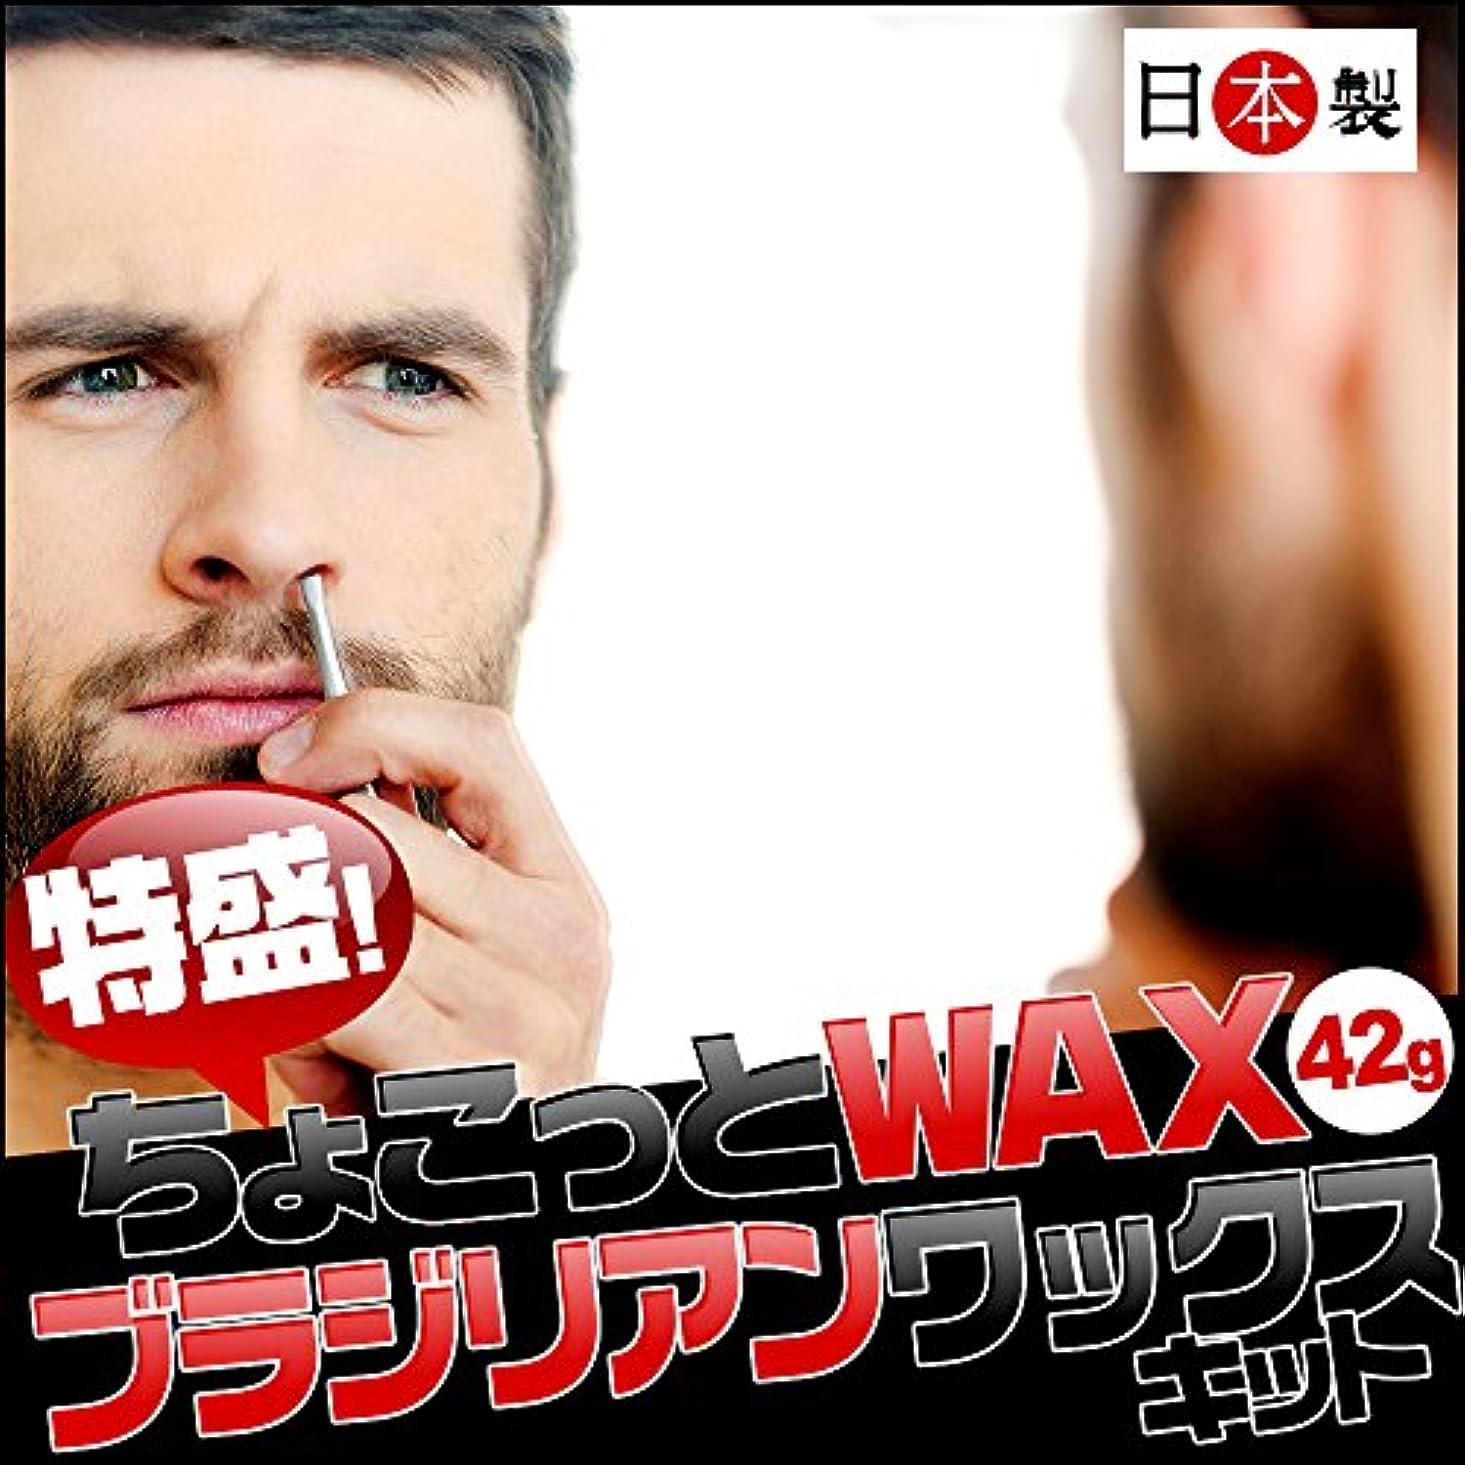 サラミ生きる手荷物日本製ワックスで安心!鼻毛脱毛  特盛  ちょこっとWax 6回分 (鼻毛スティック6本+脱毛スパチュラ3本)